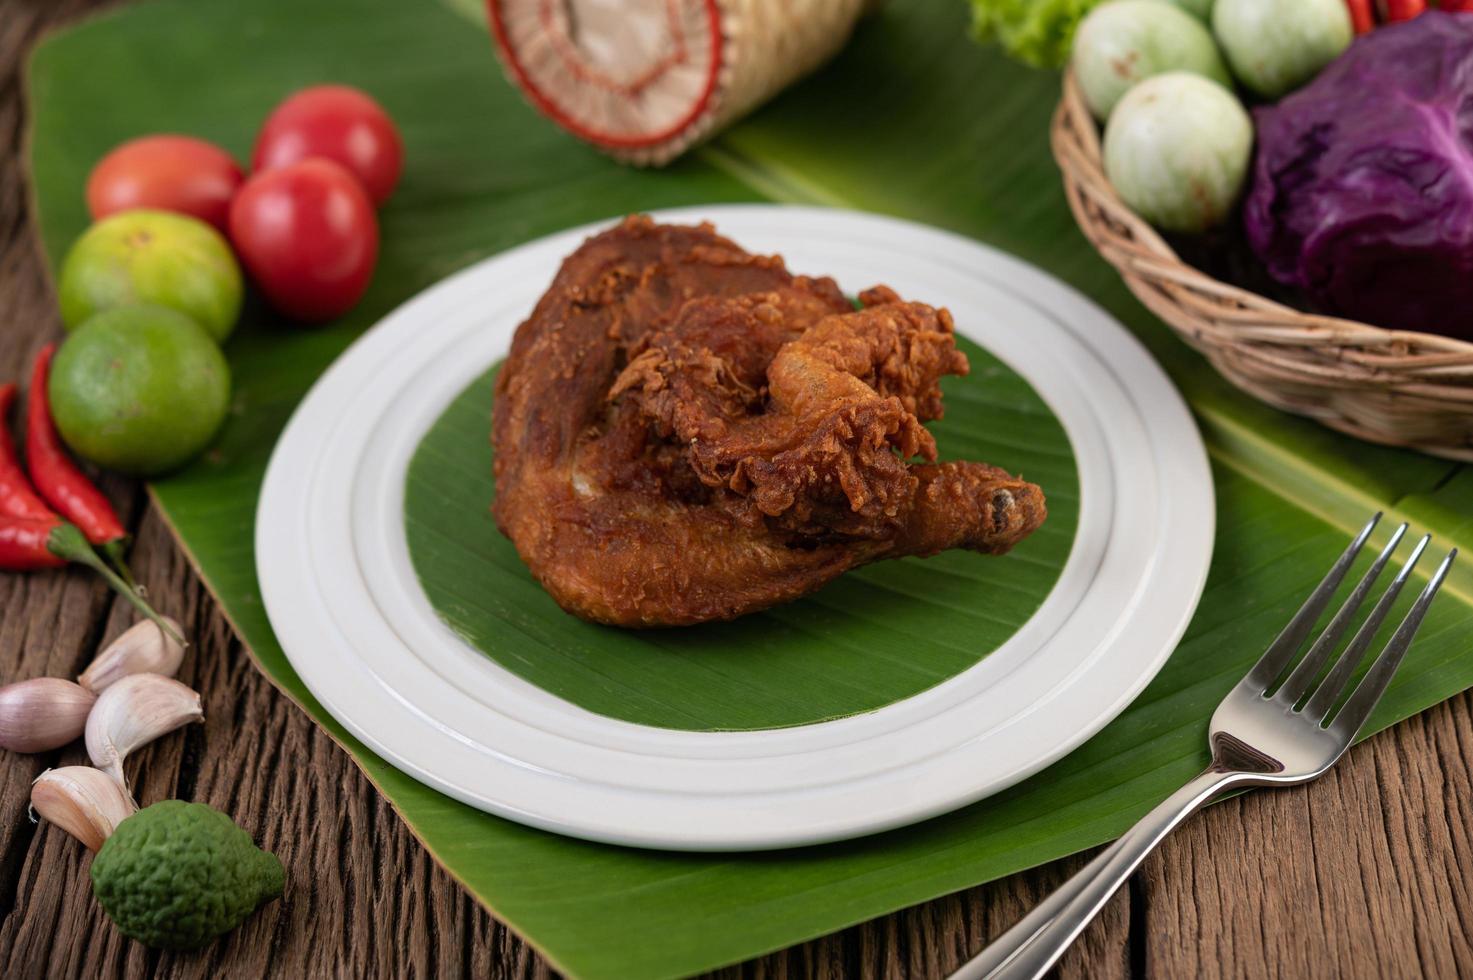 cuisses de poulet frites photo